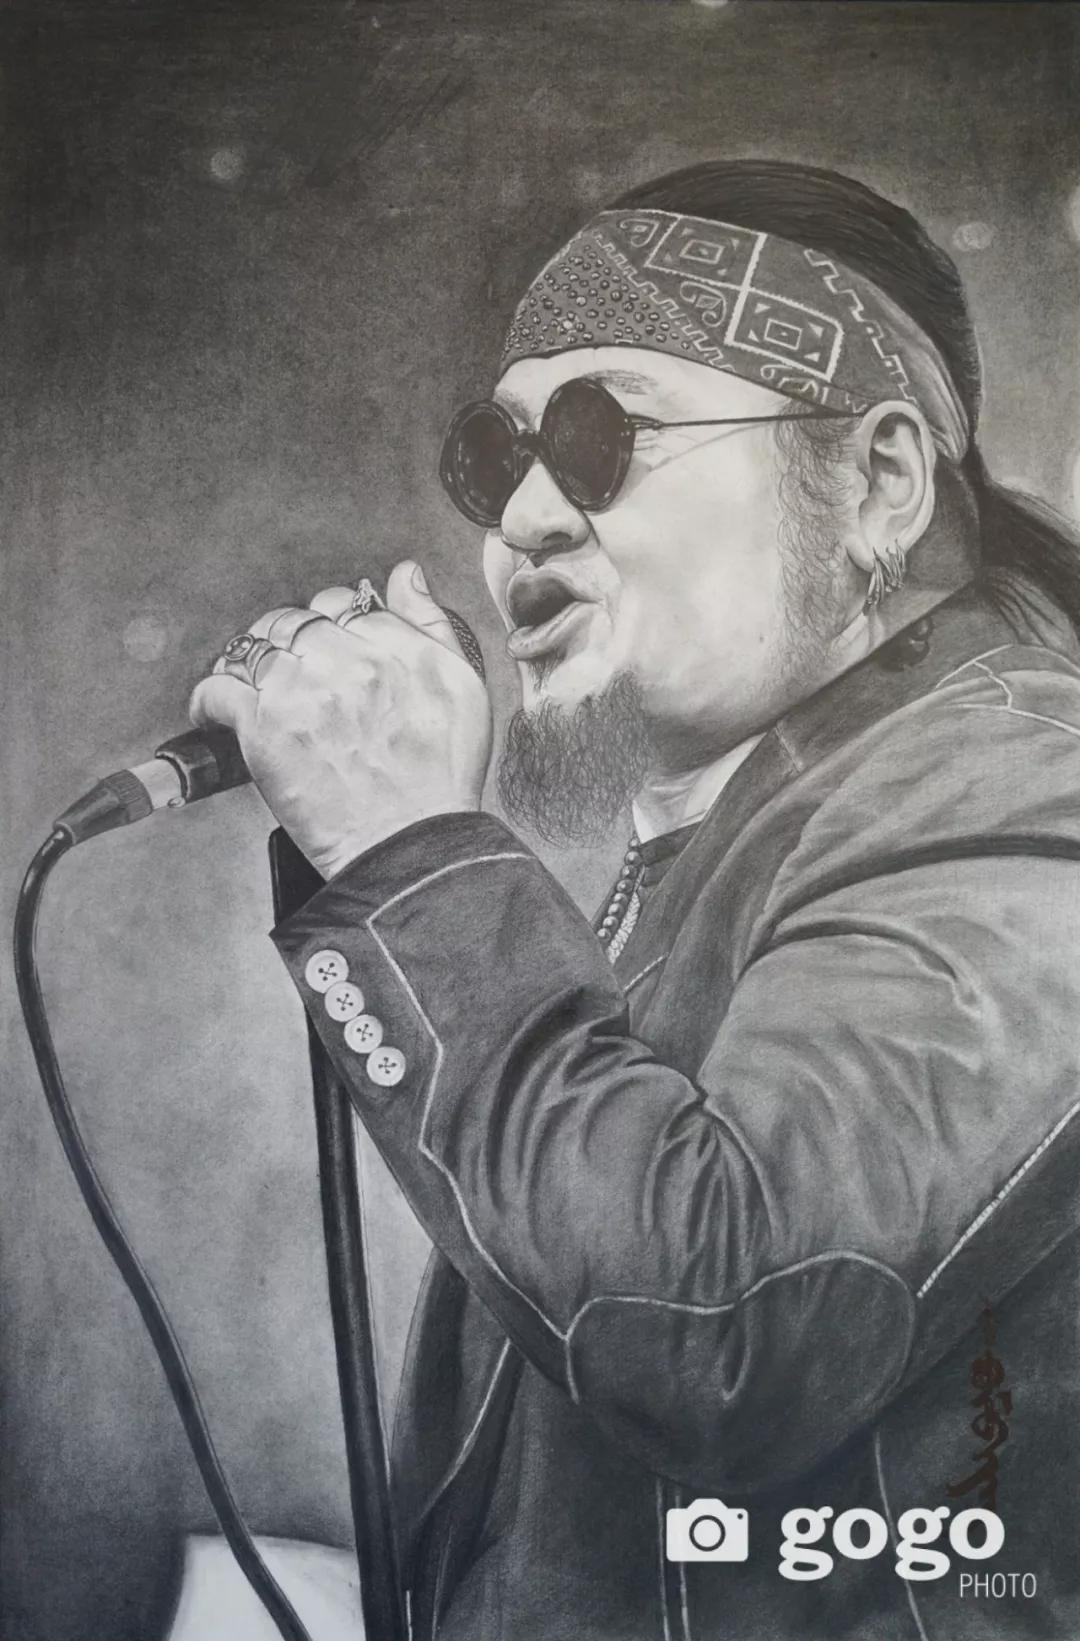 传奇摇滚乐队、流行歌手、艺术家肖像画展在蒙古国开幕20180531_081545_001.jpg